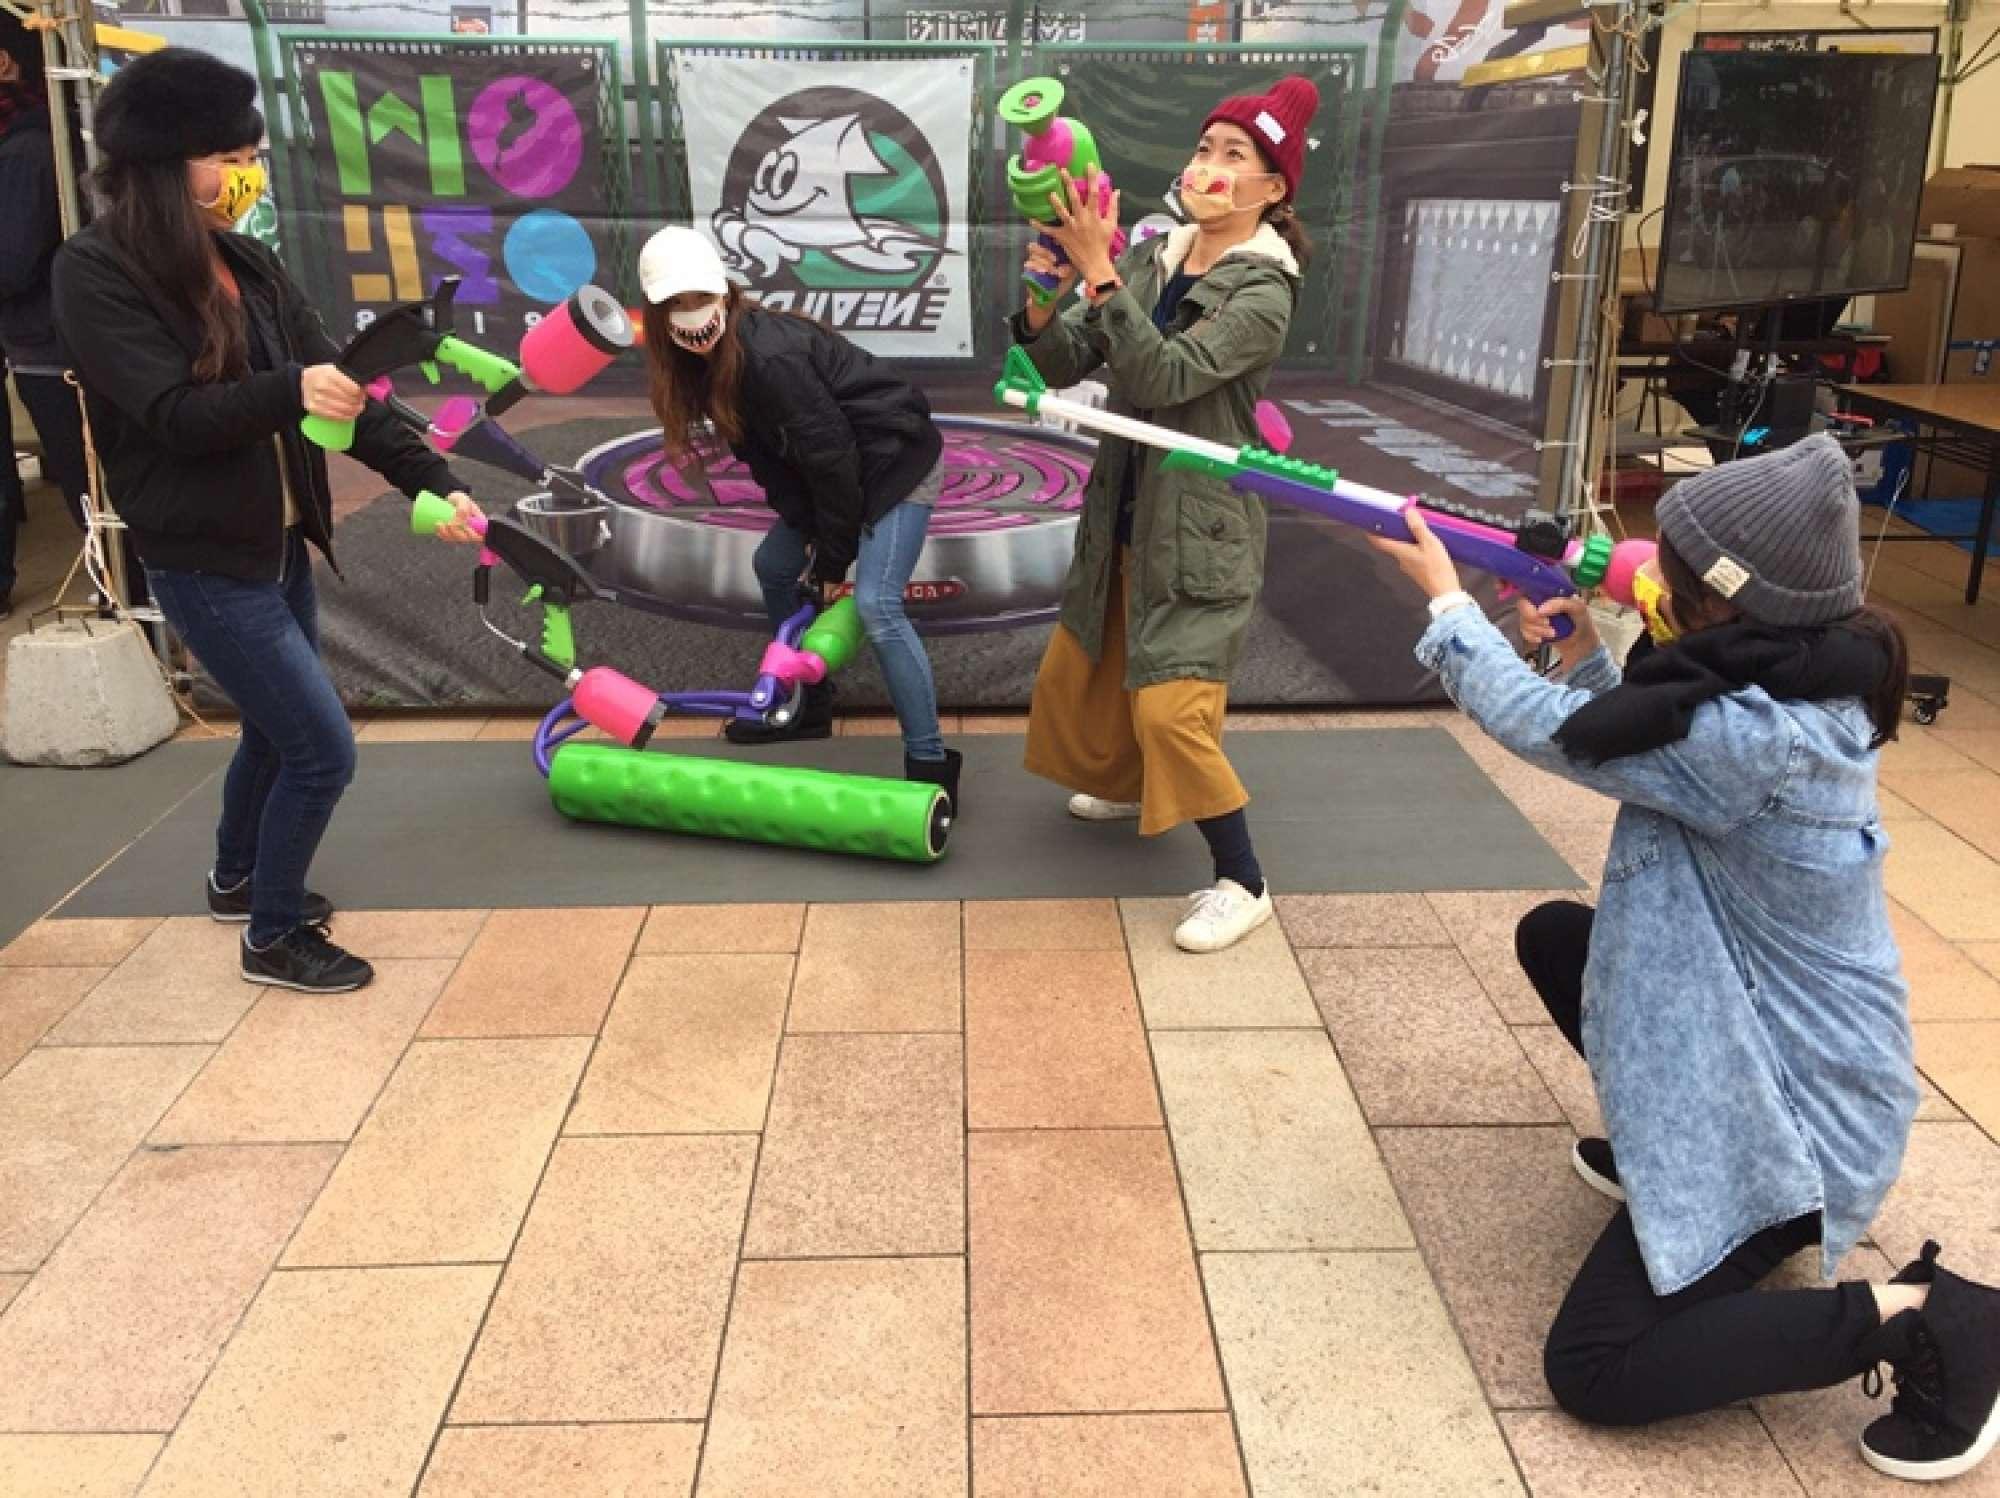 - 実はゲーマー。写真はママ友4人で「スプラトゥーン甲子園北海道地区大会」に参加した時のものです。勤務時間がはっきりと決められているので、プライべートも充実してます。 -